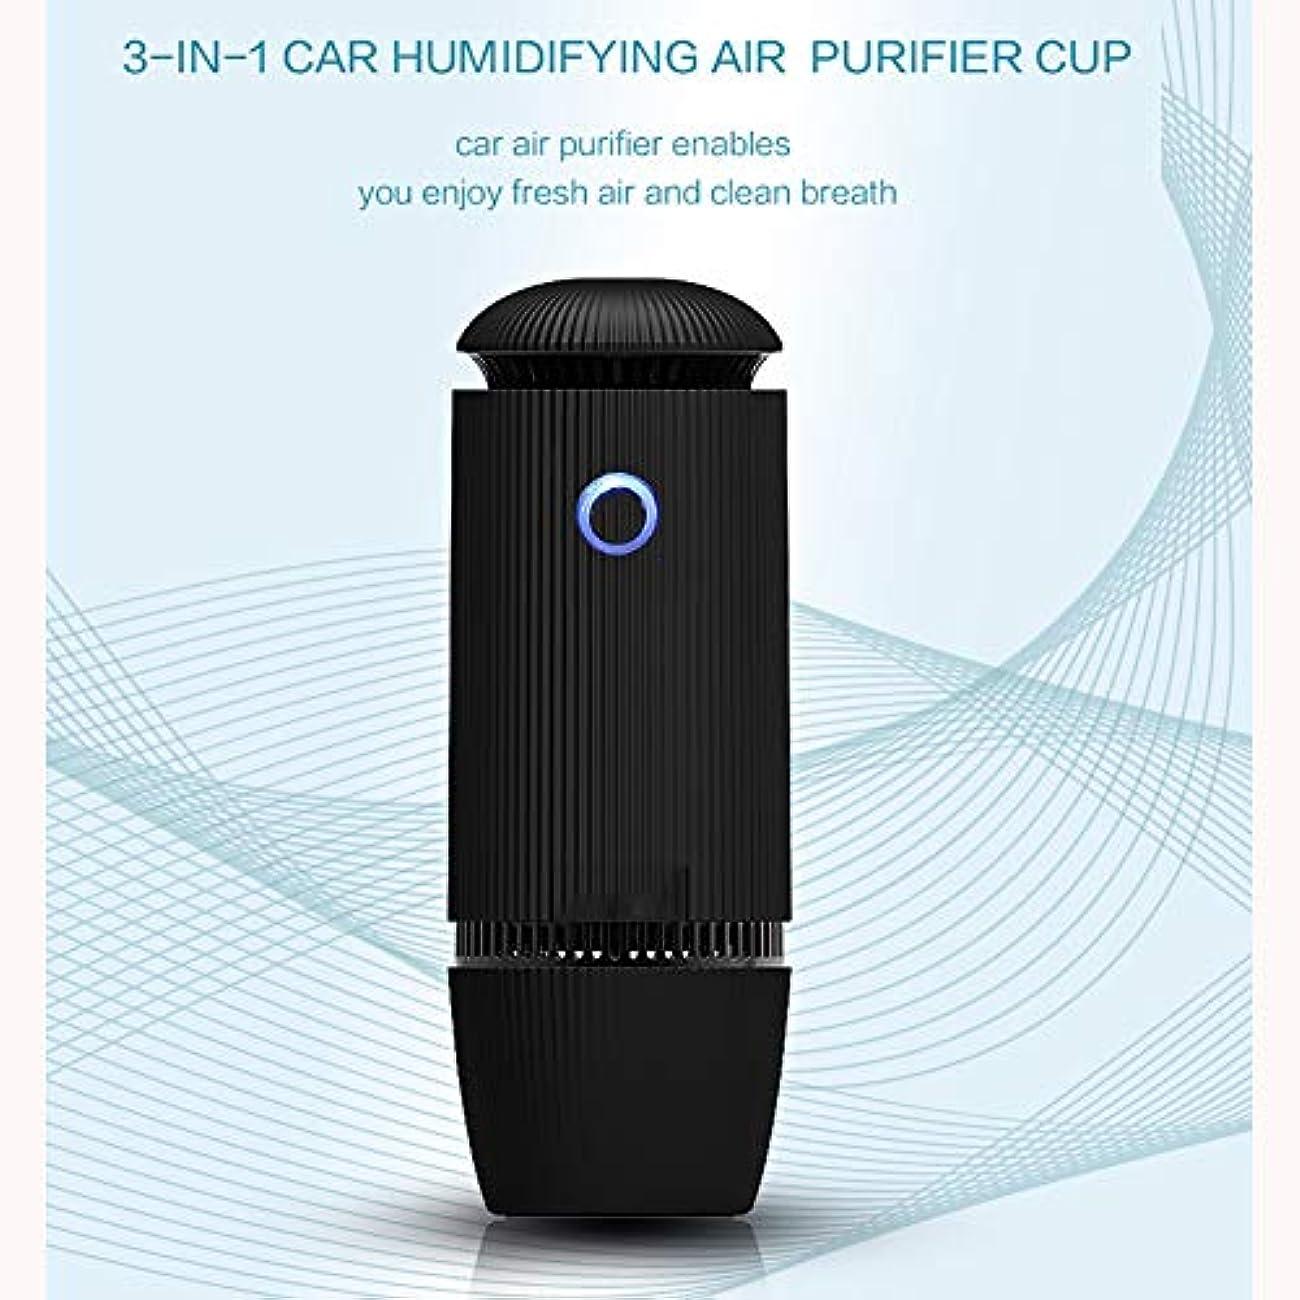 車のアロマセラピー機械清浄機、エッセンシャルオイルディフューザー多機能USBアロマ加湿器用車、家庭、仕事